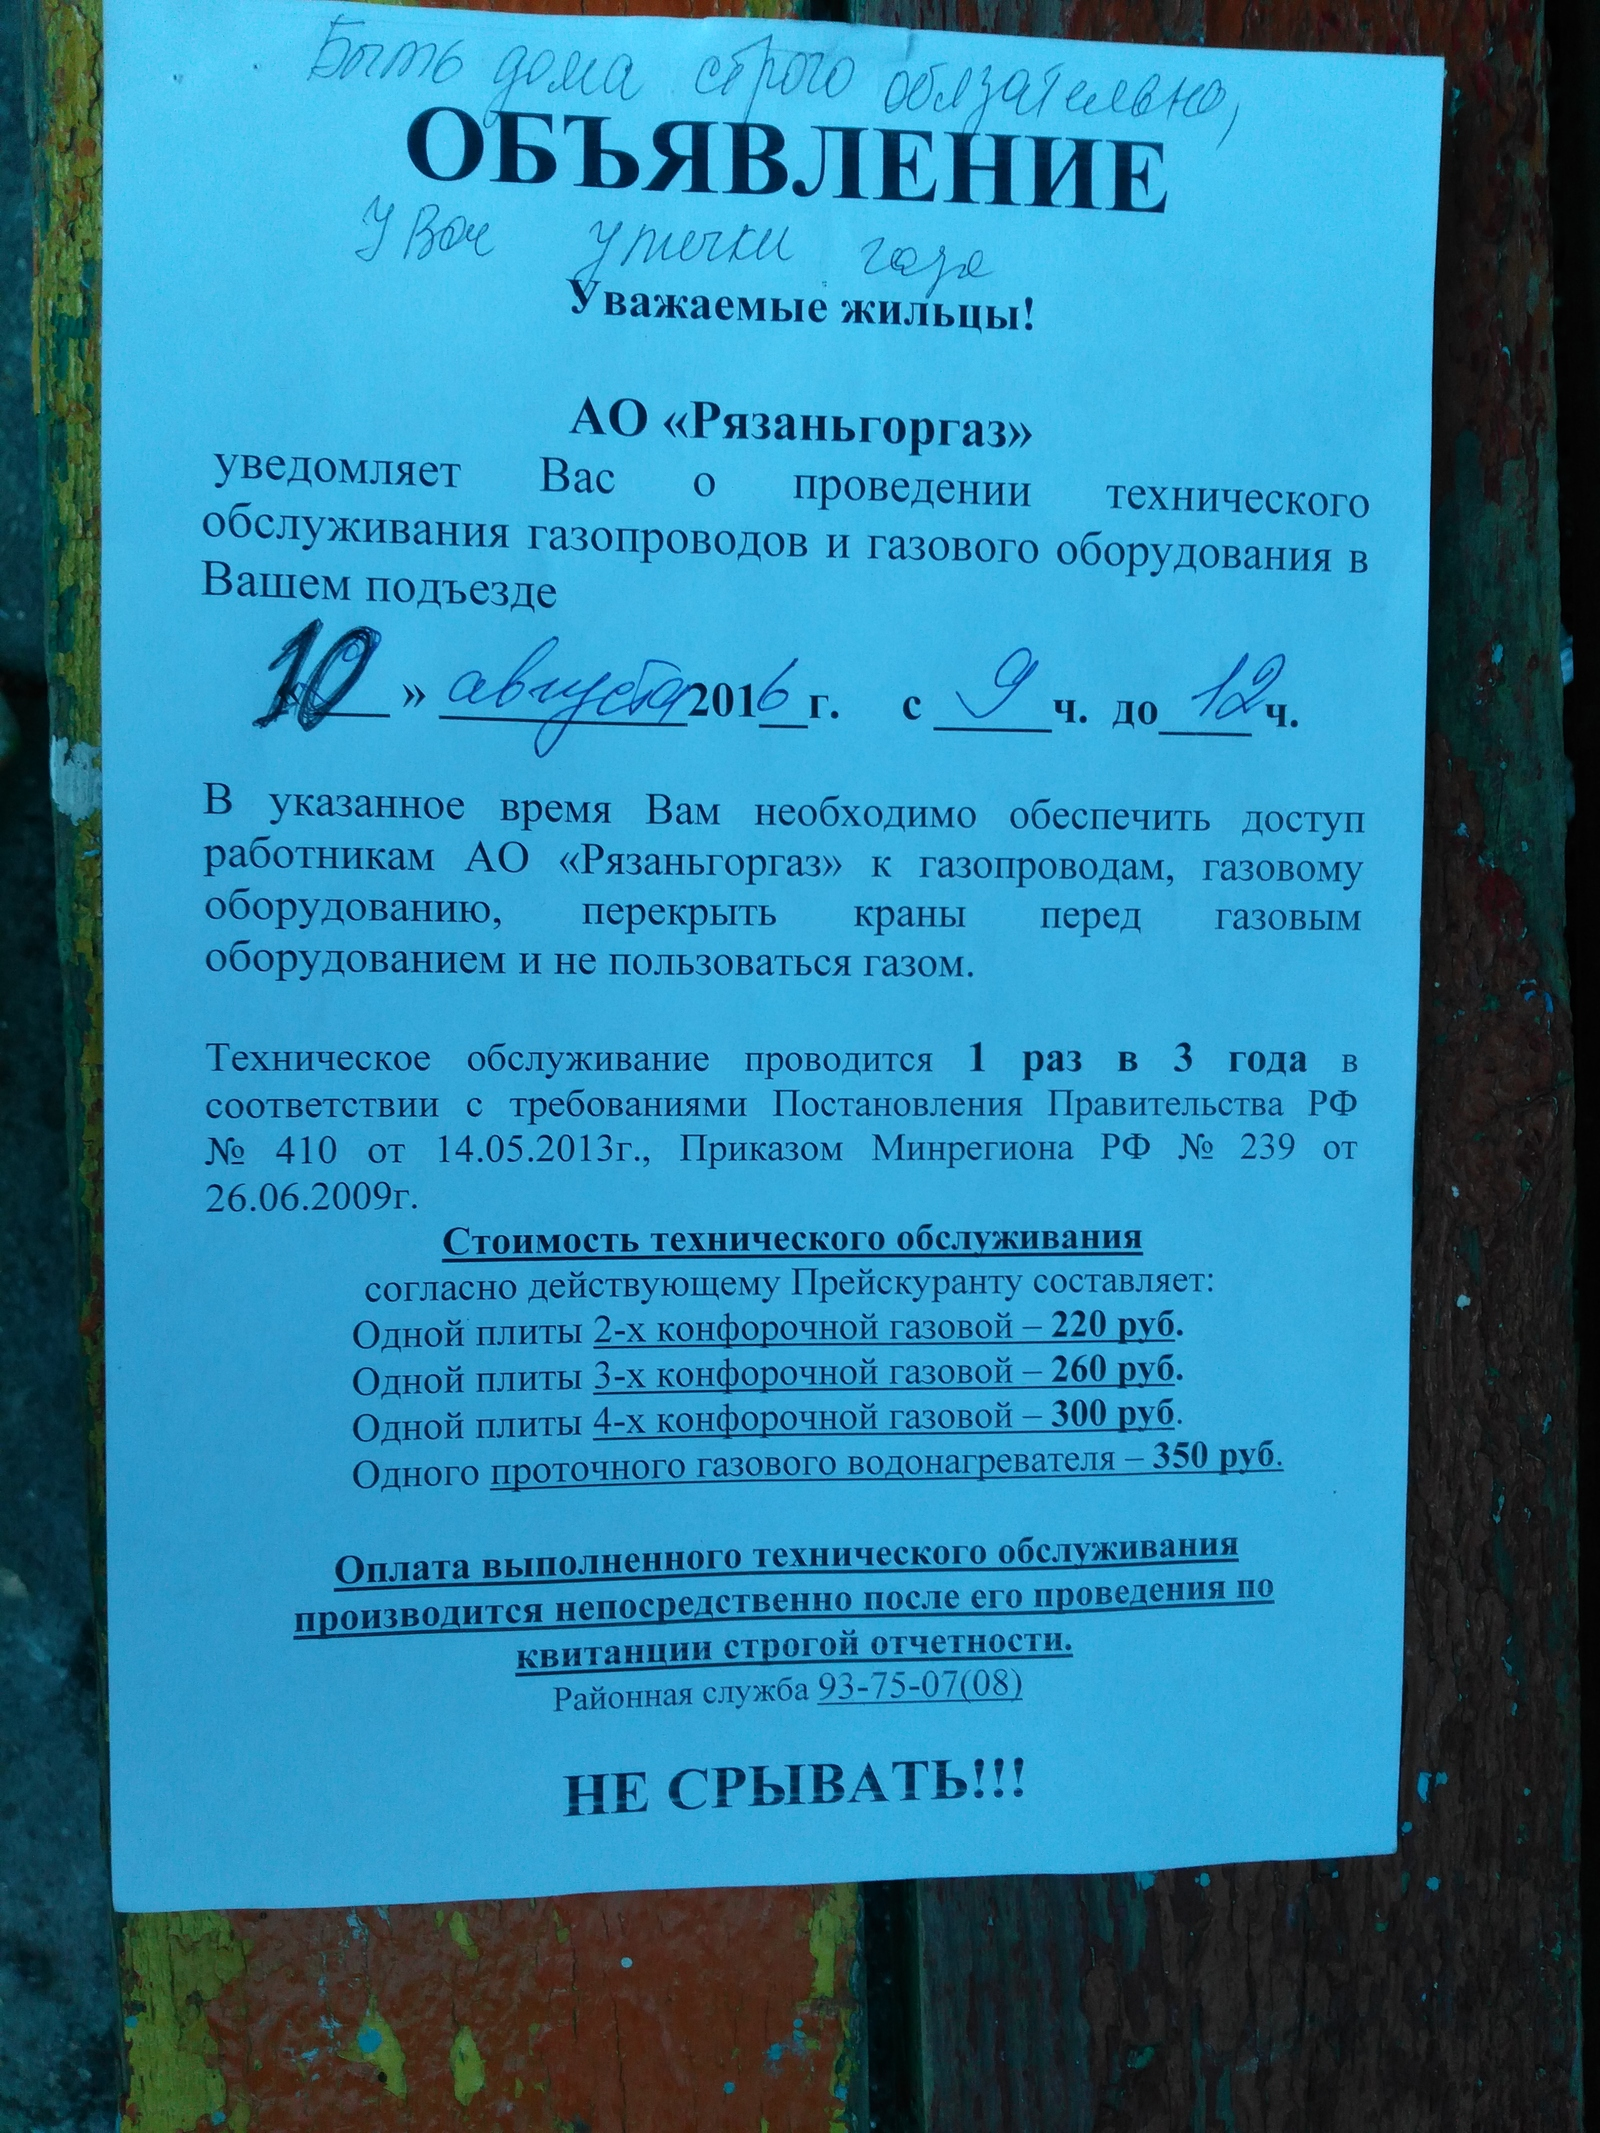 Как написать письмо в украине